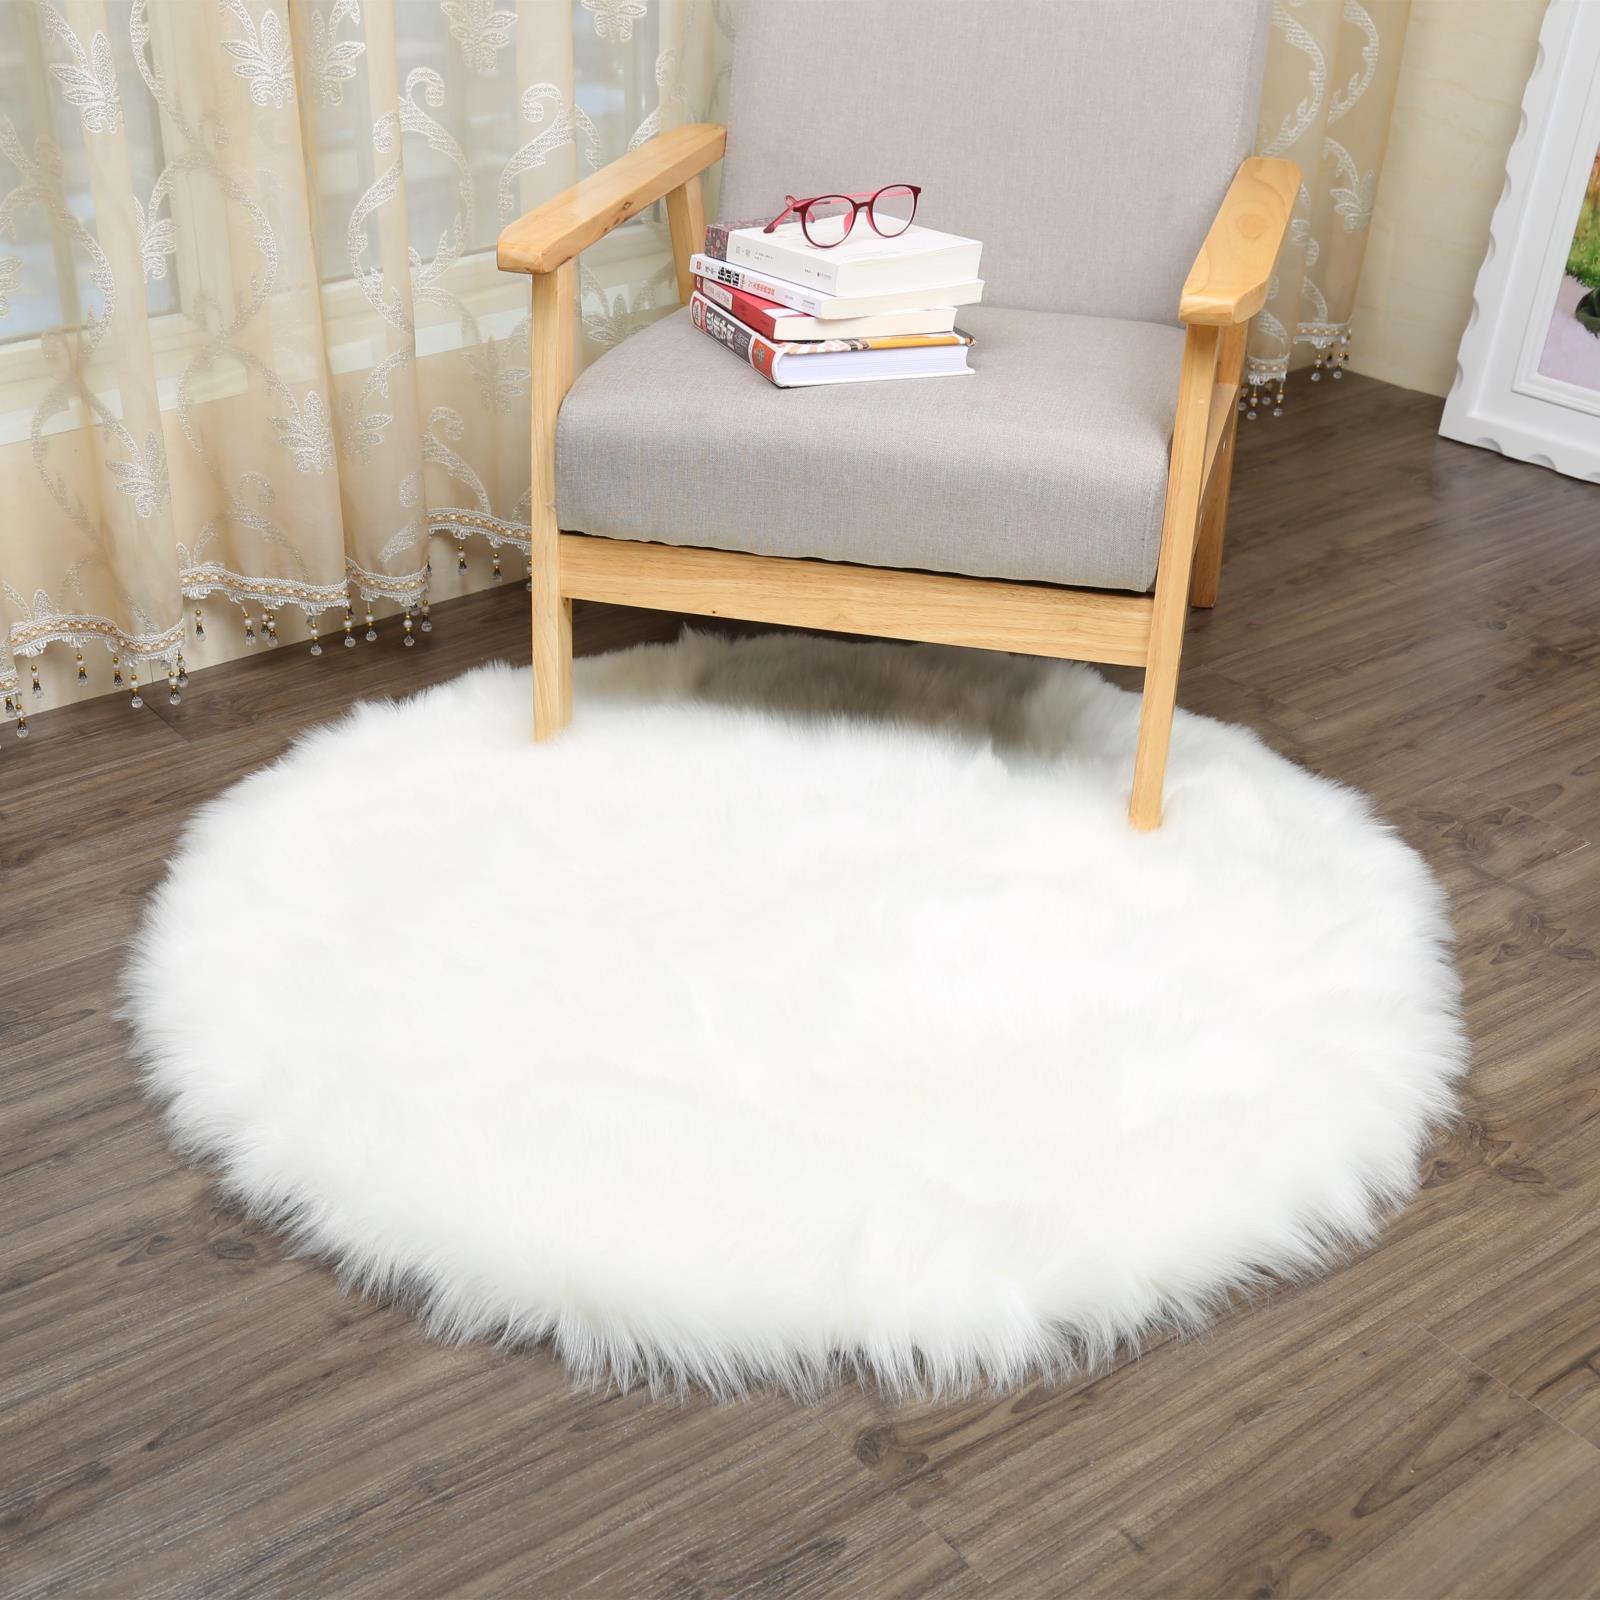 ковер Современный минималистский спальня ковер коврики прикроватные, полный плиточный гостиной журнальный столик коврик из искусственной шерсти украшения окна